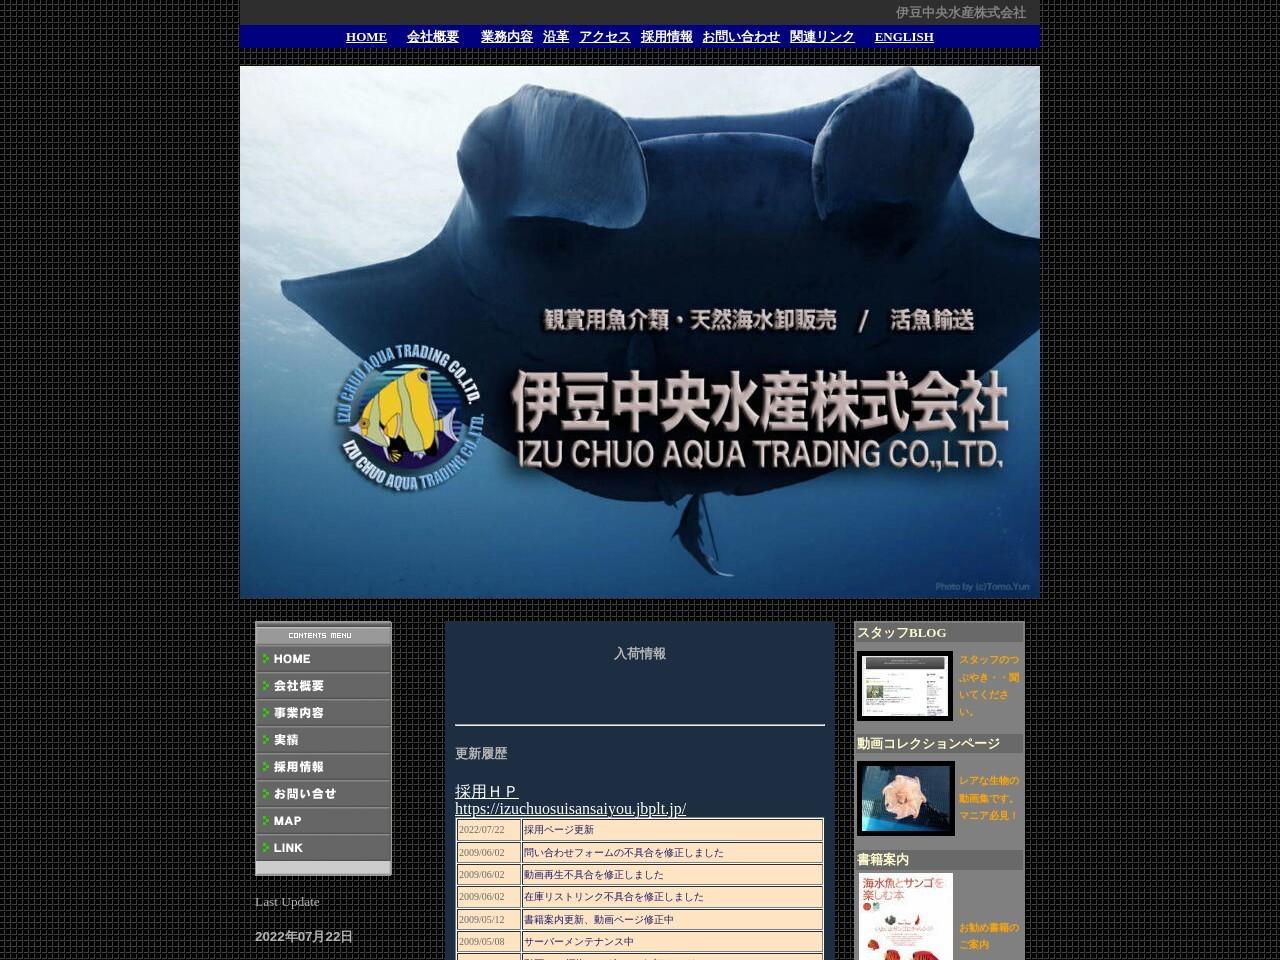 伊豆中央水産株式会社